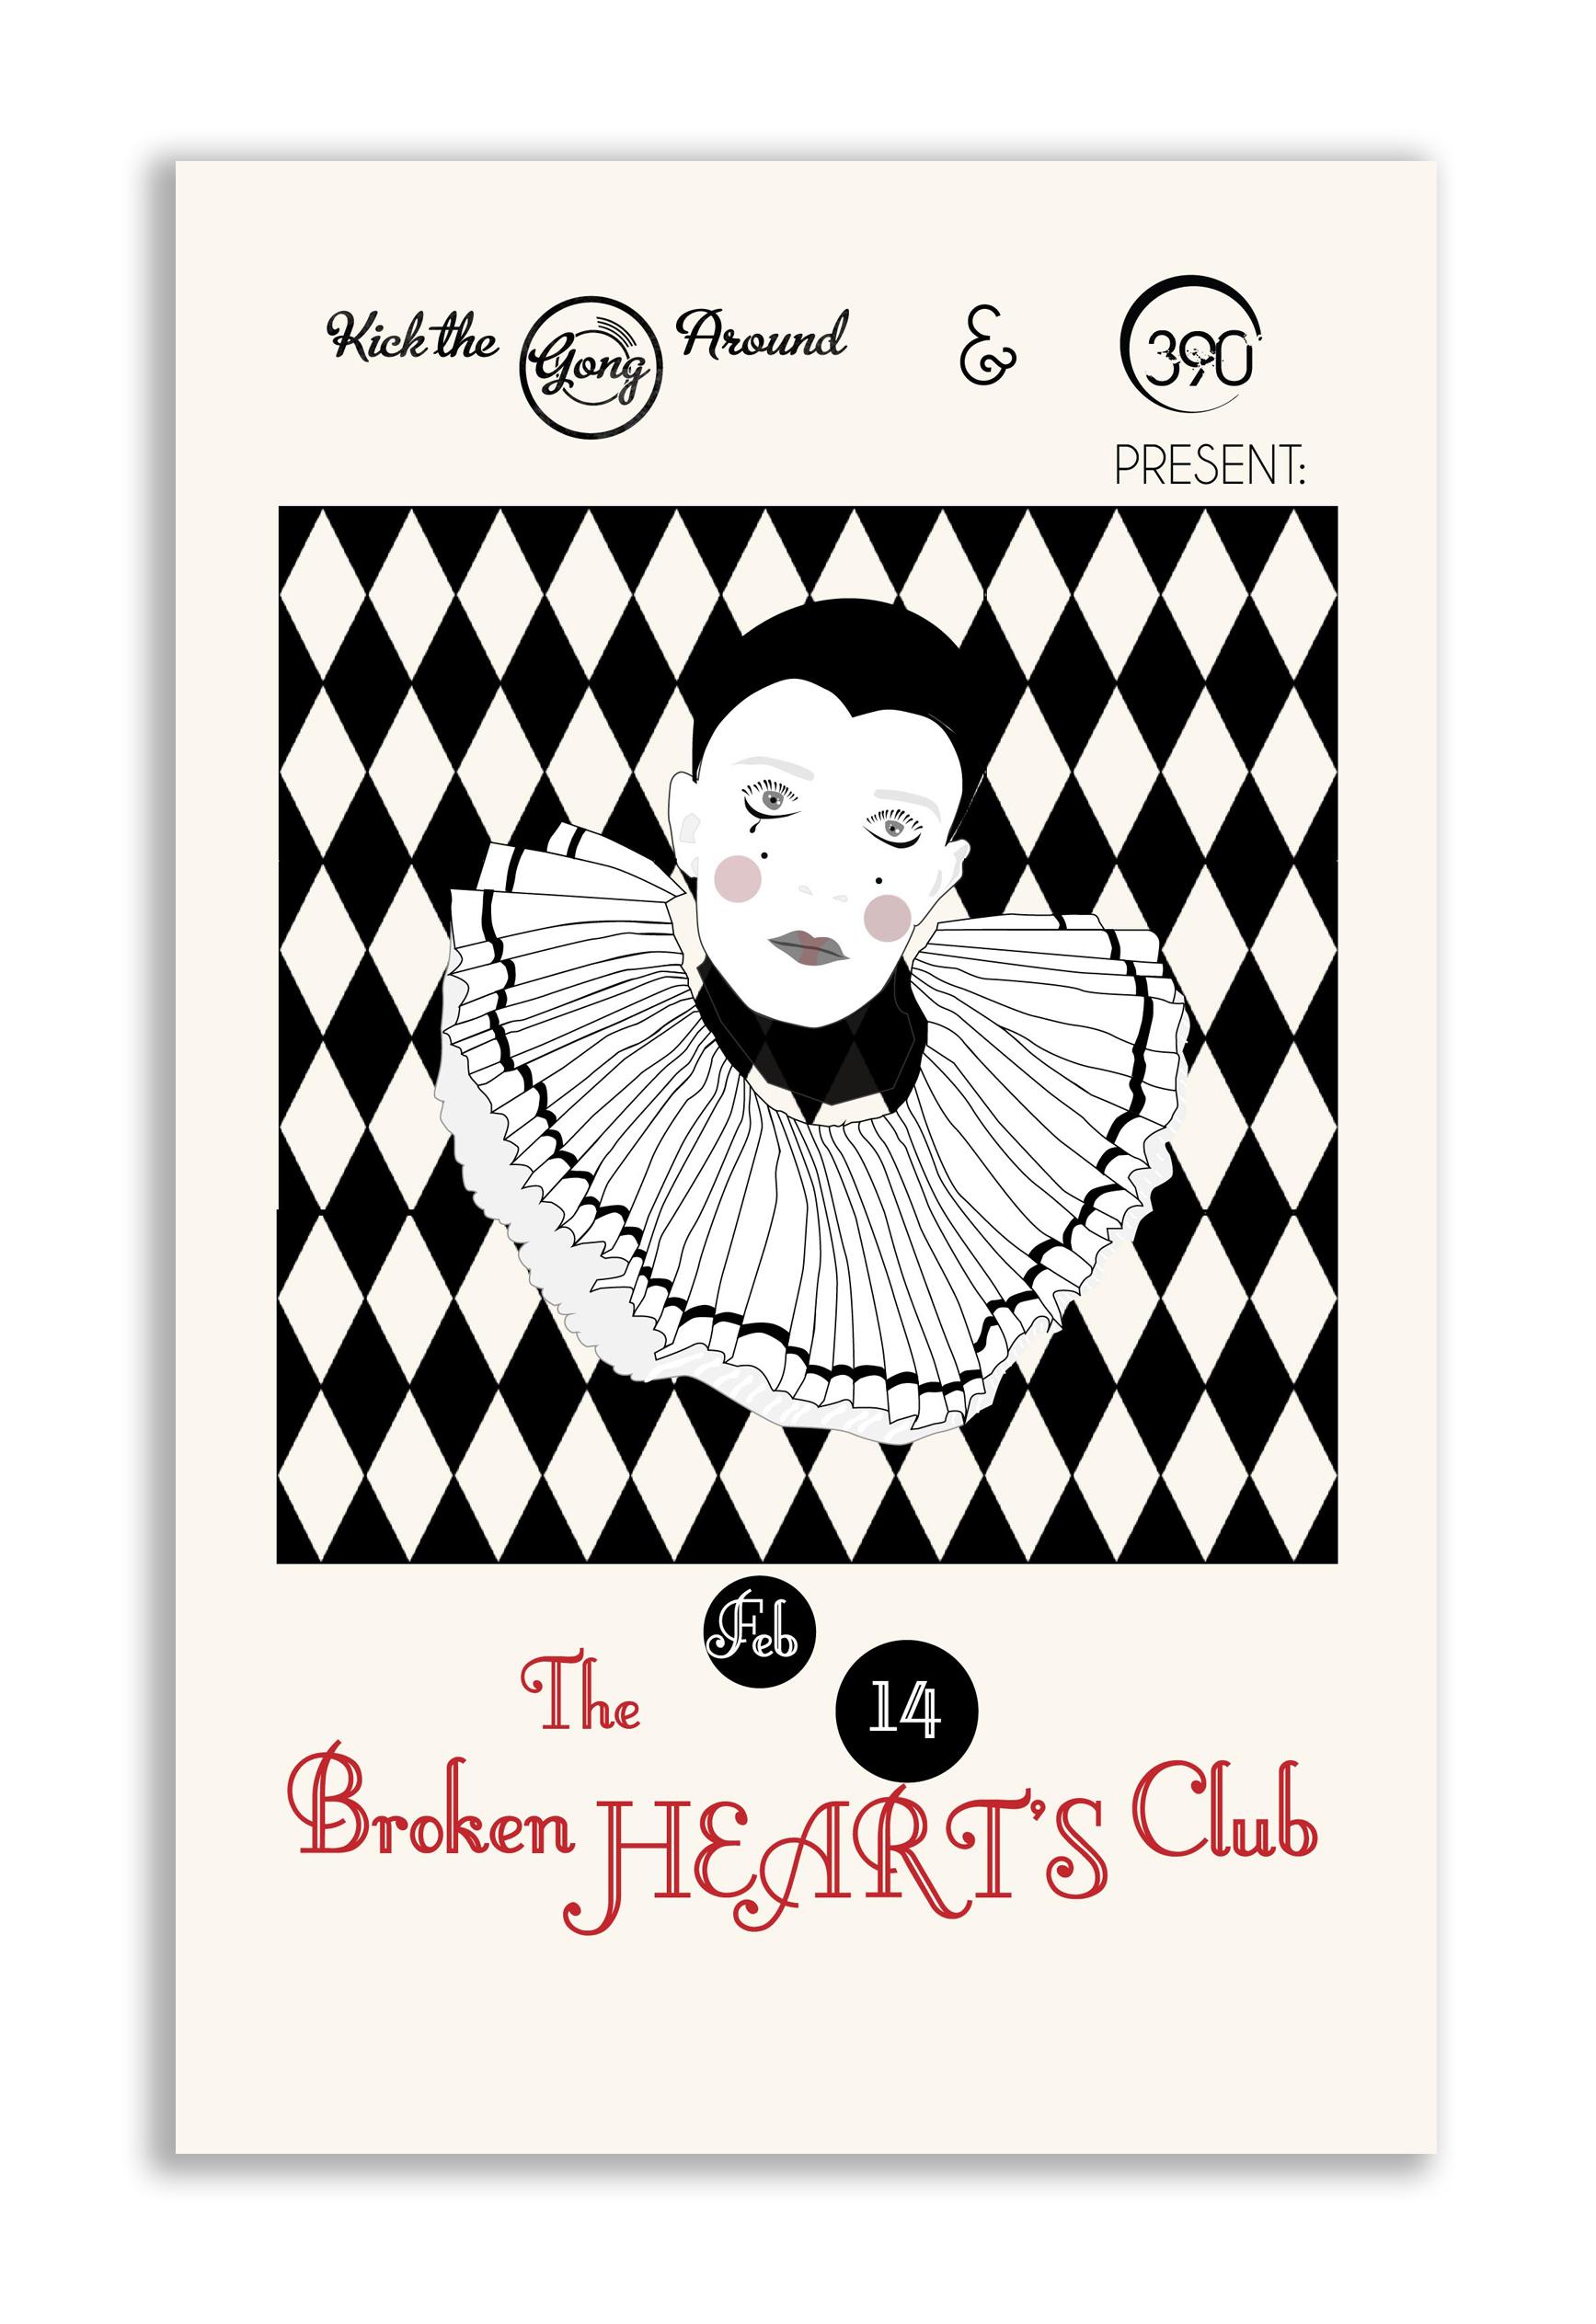 The Broken Heart's Club